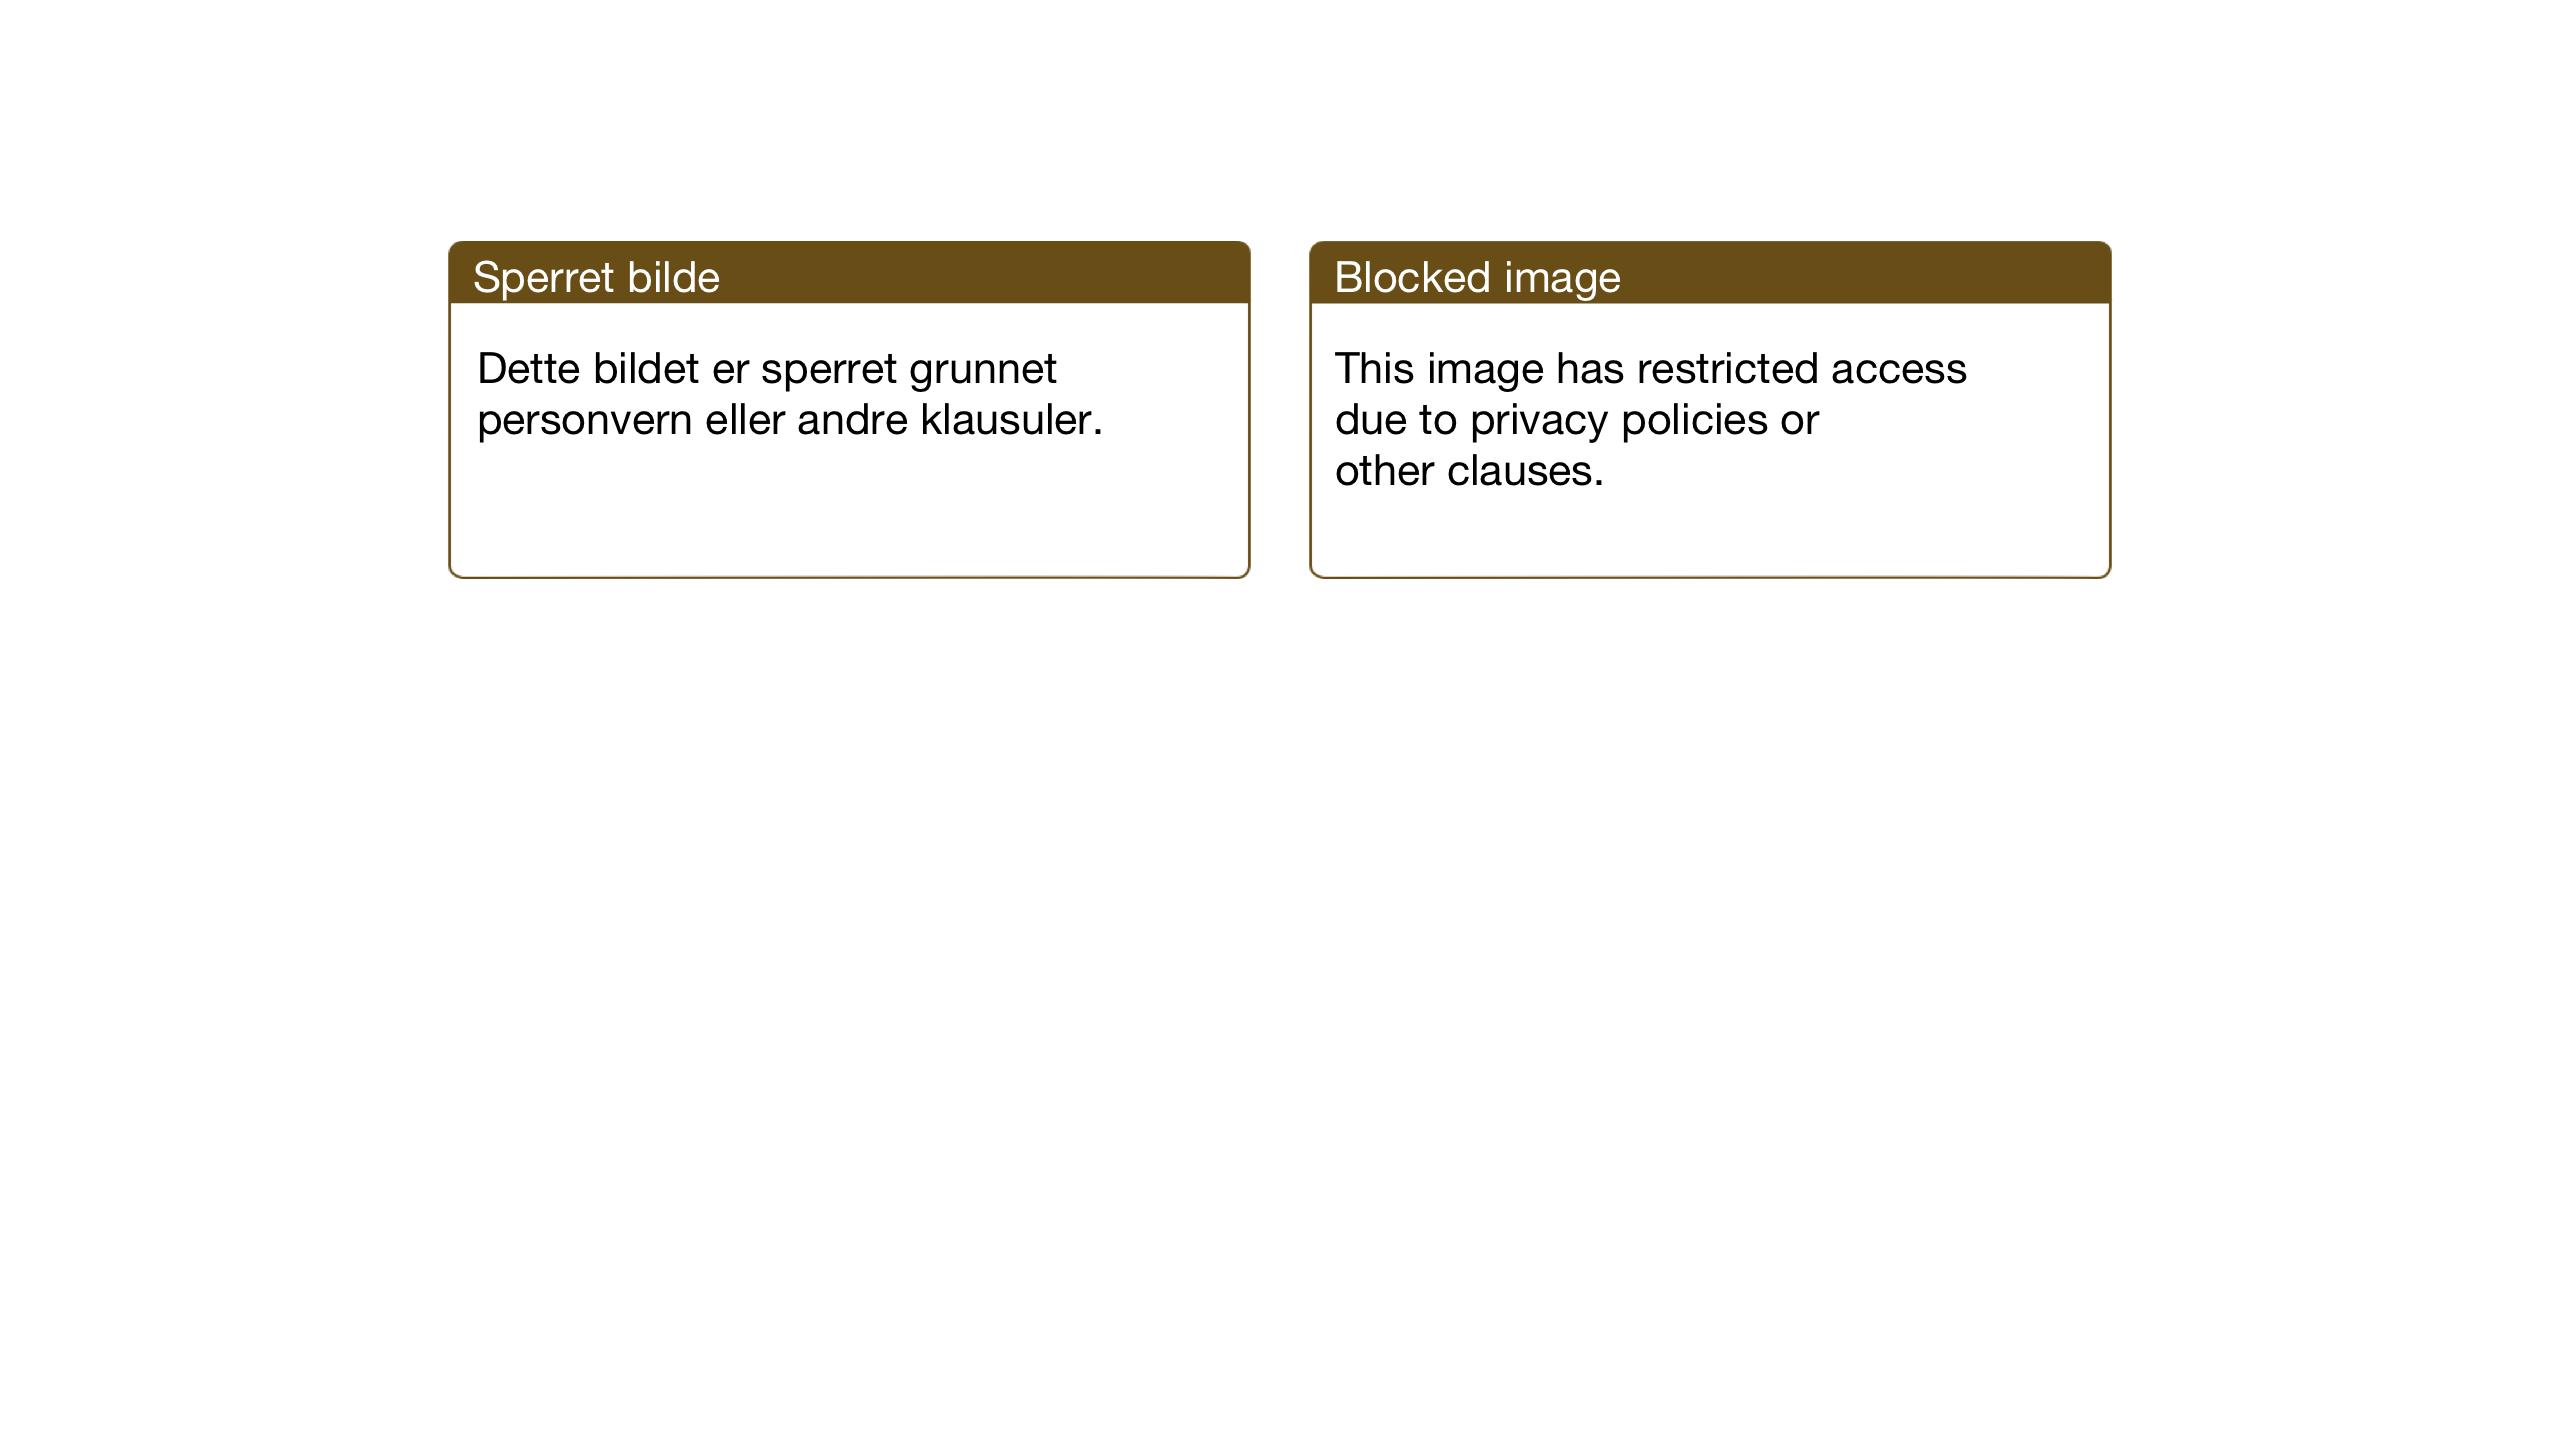 SAT, Ministerialprotokoller, klokkerbøker og fødselsregistre - Sør-Trøndelag, 659/L0747: Klokkerbok nr. 659C04, 1913-1938, s. 178